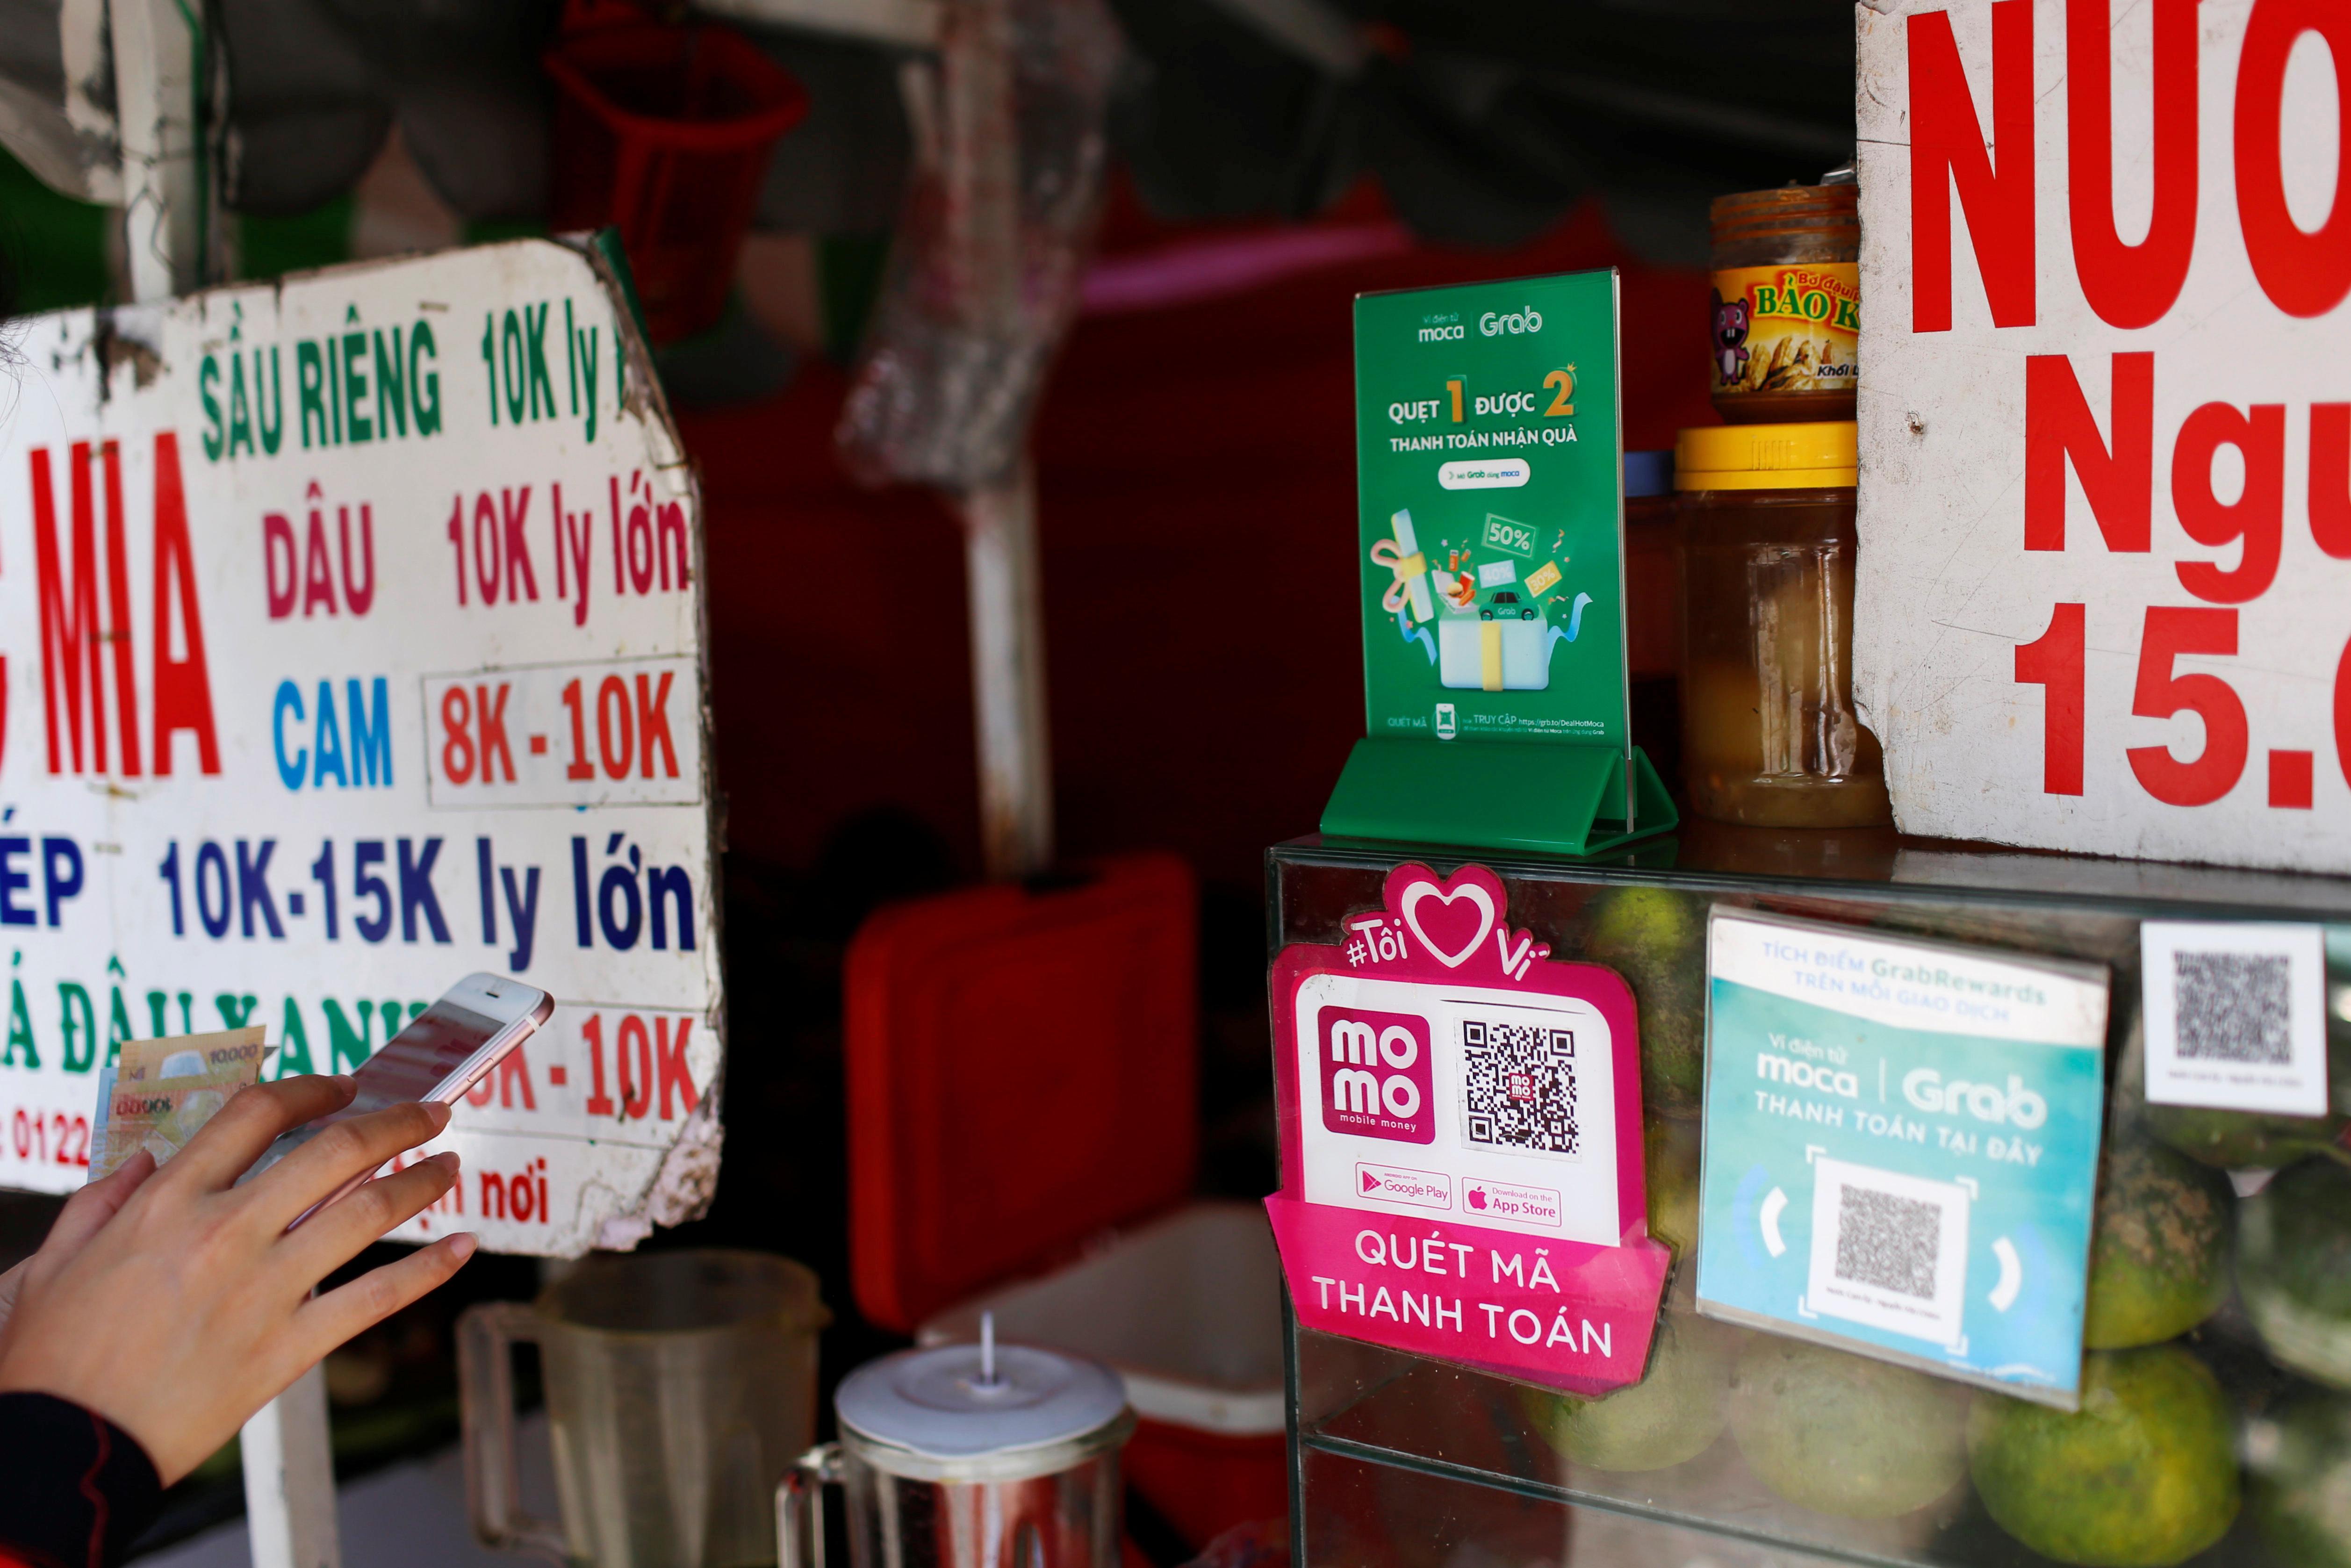 Les paiements mobiles en Asie du Sud-Est risquent de disparaître avec l'essor du marché